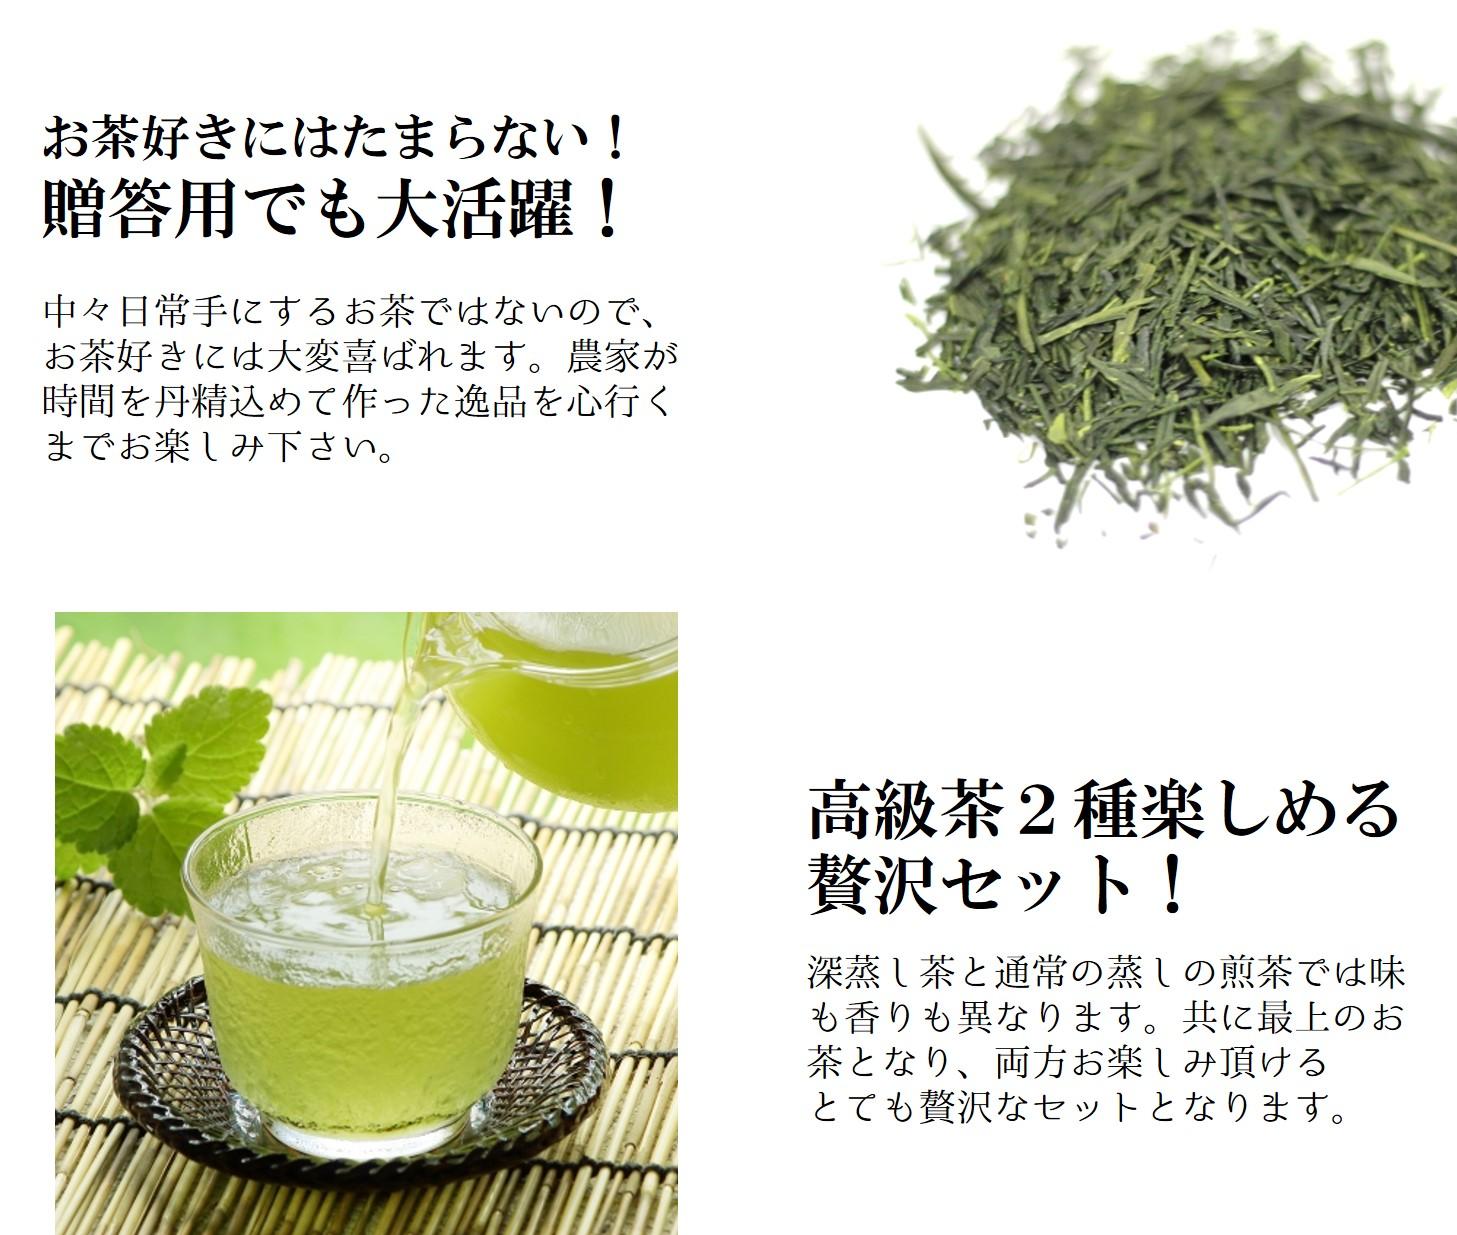 高級煎茶と高級深蒸し茶の品評会最高級茶セット